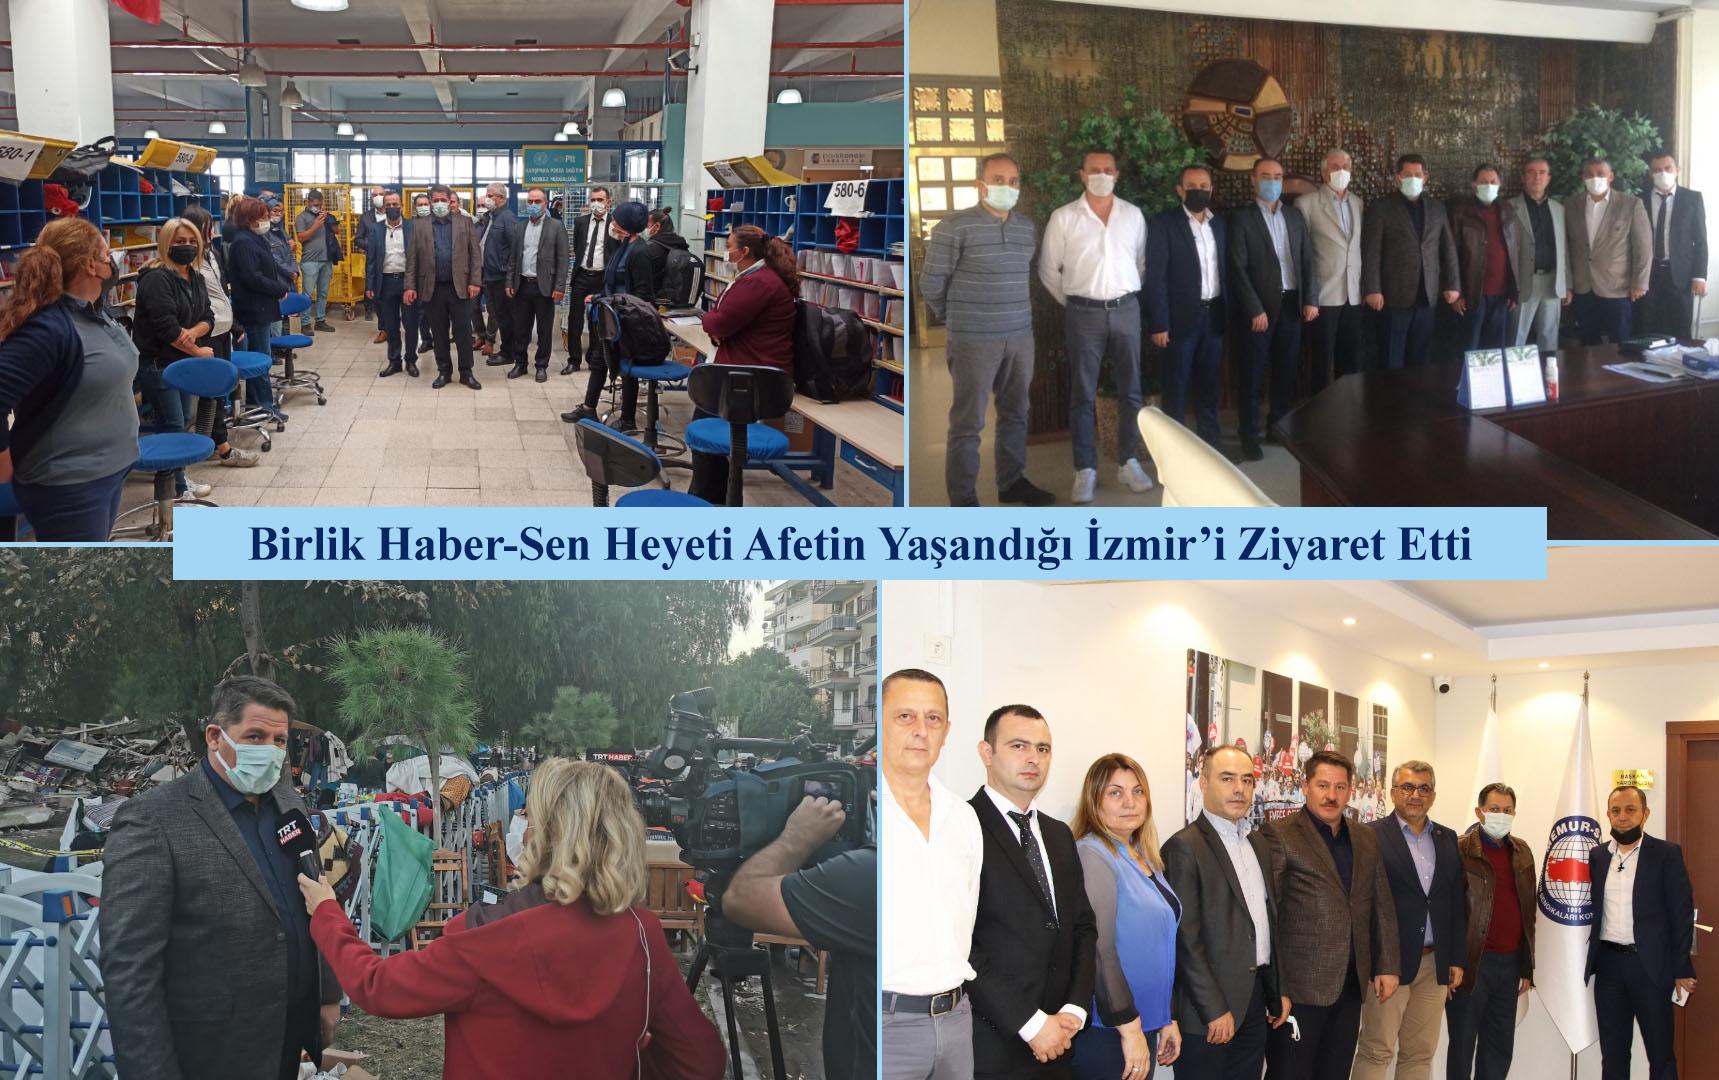 Birlik Haber-Sen Heyeti Afetin Yaşandığı İzmir'i Ziyaret Etti